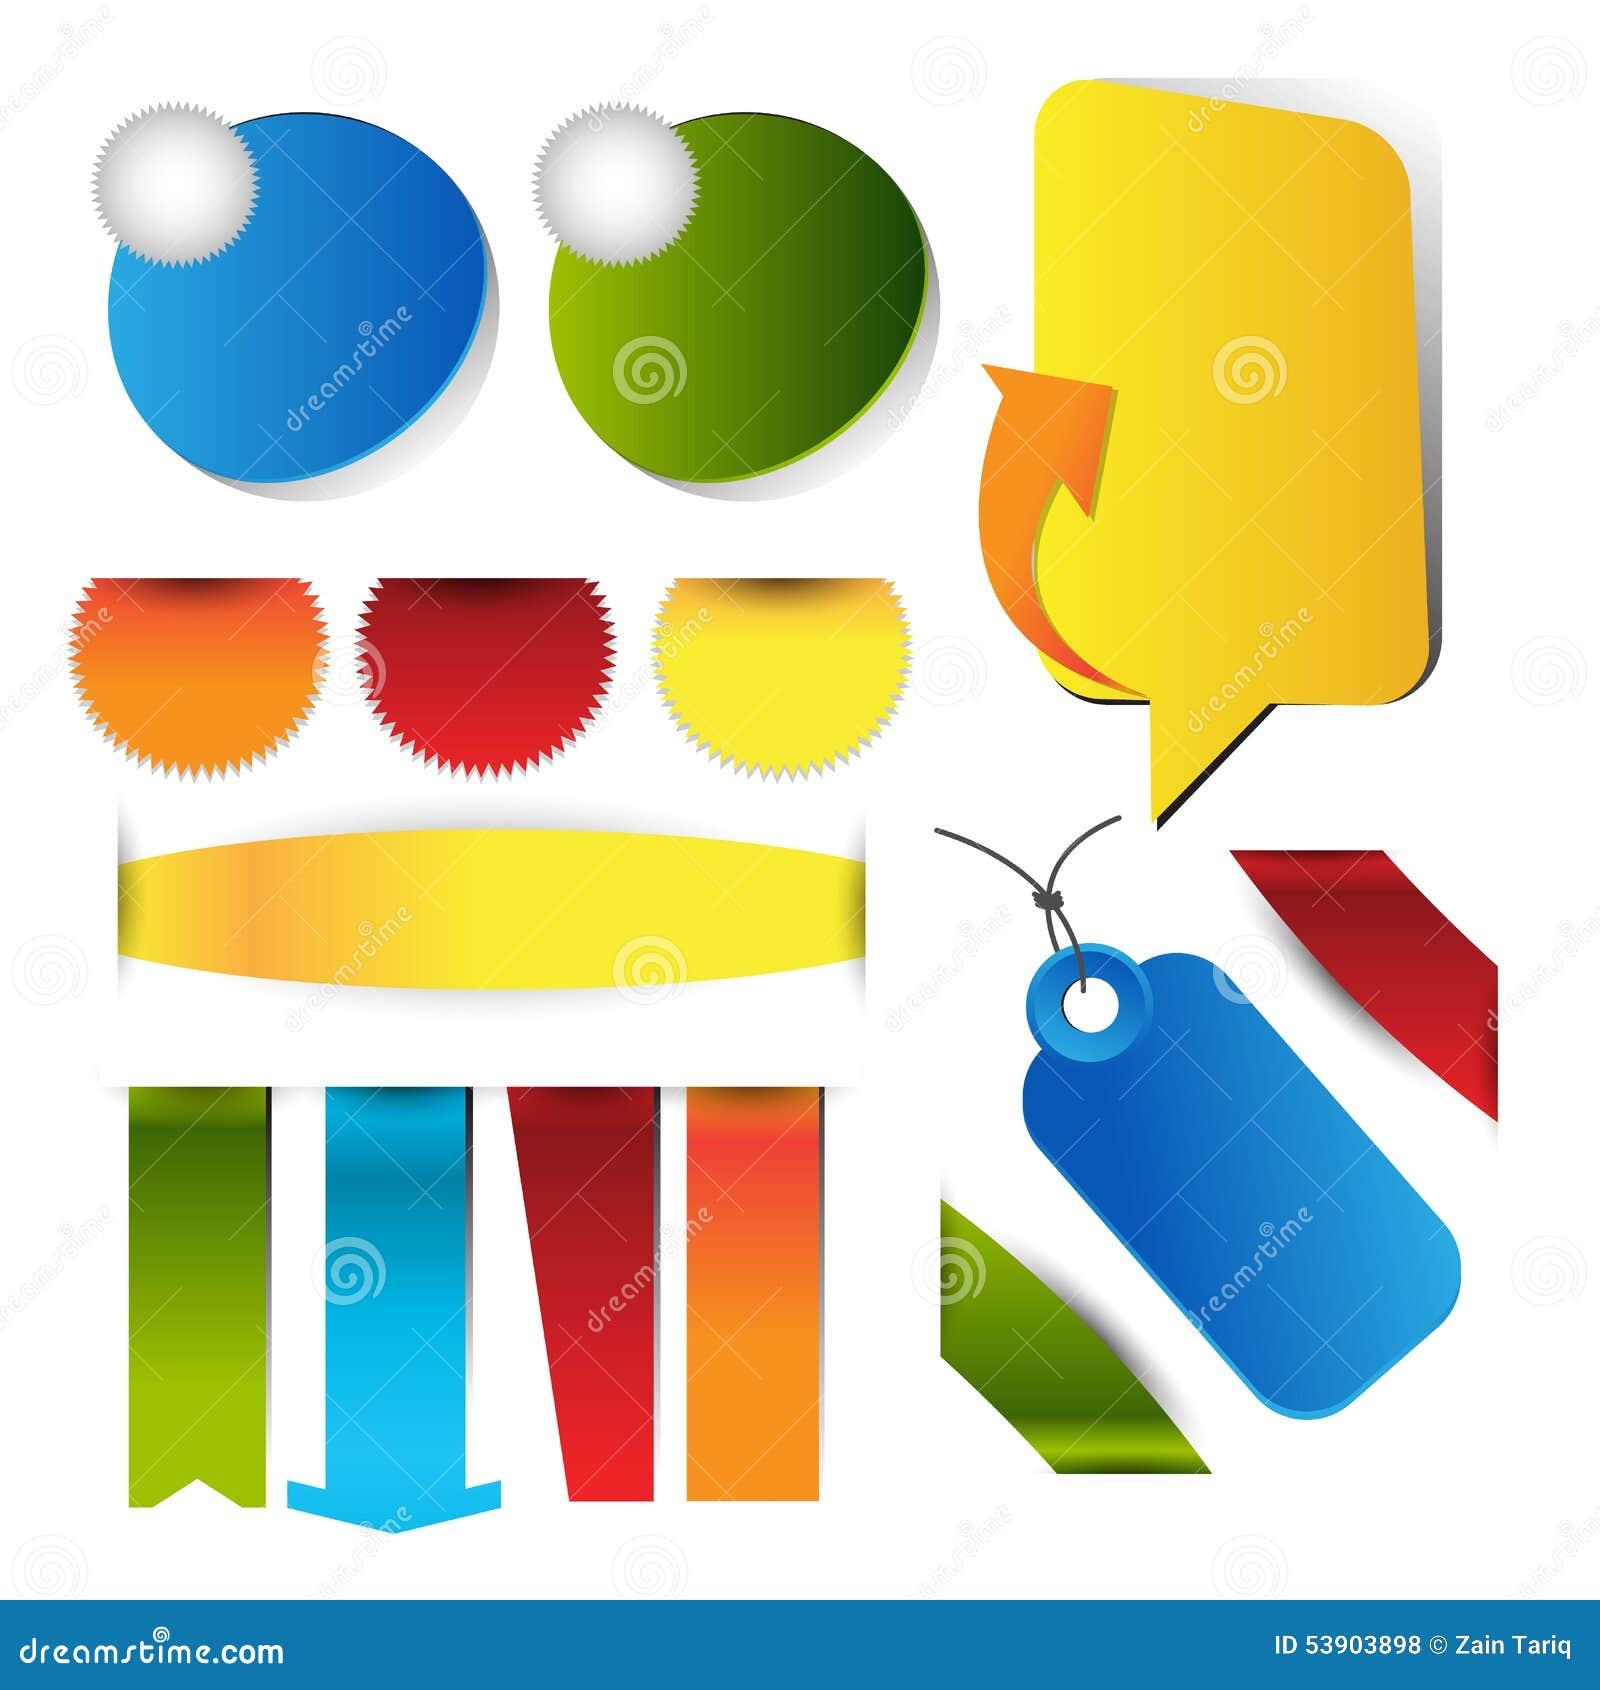 Web Sale/discount/offer/deal Badge,header,label,tag Or Banner ...